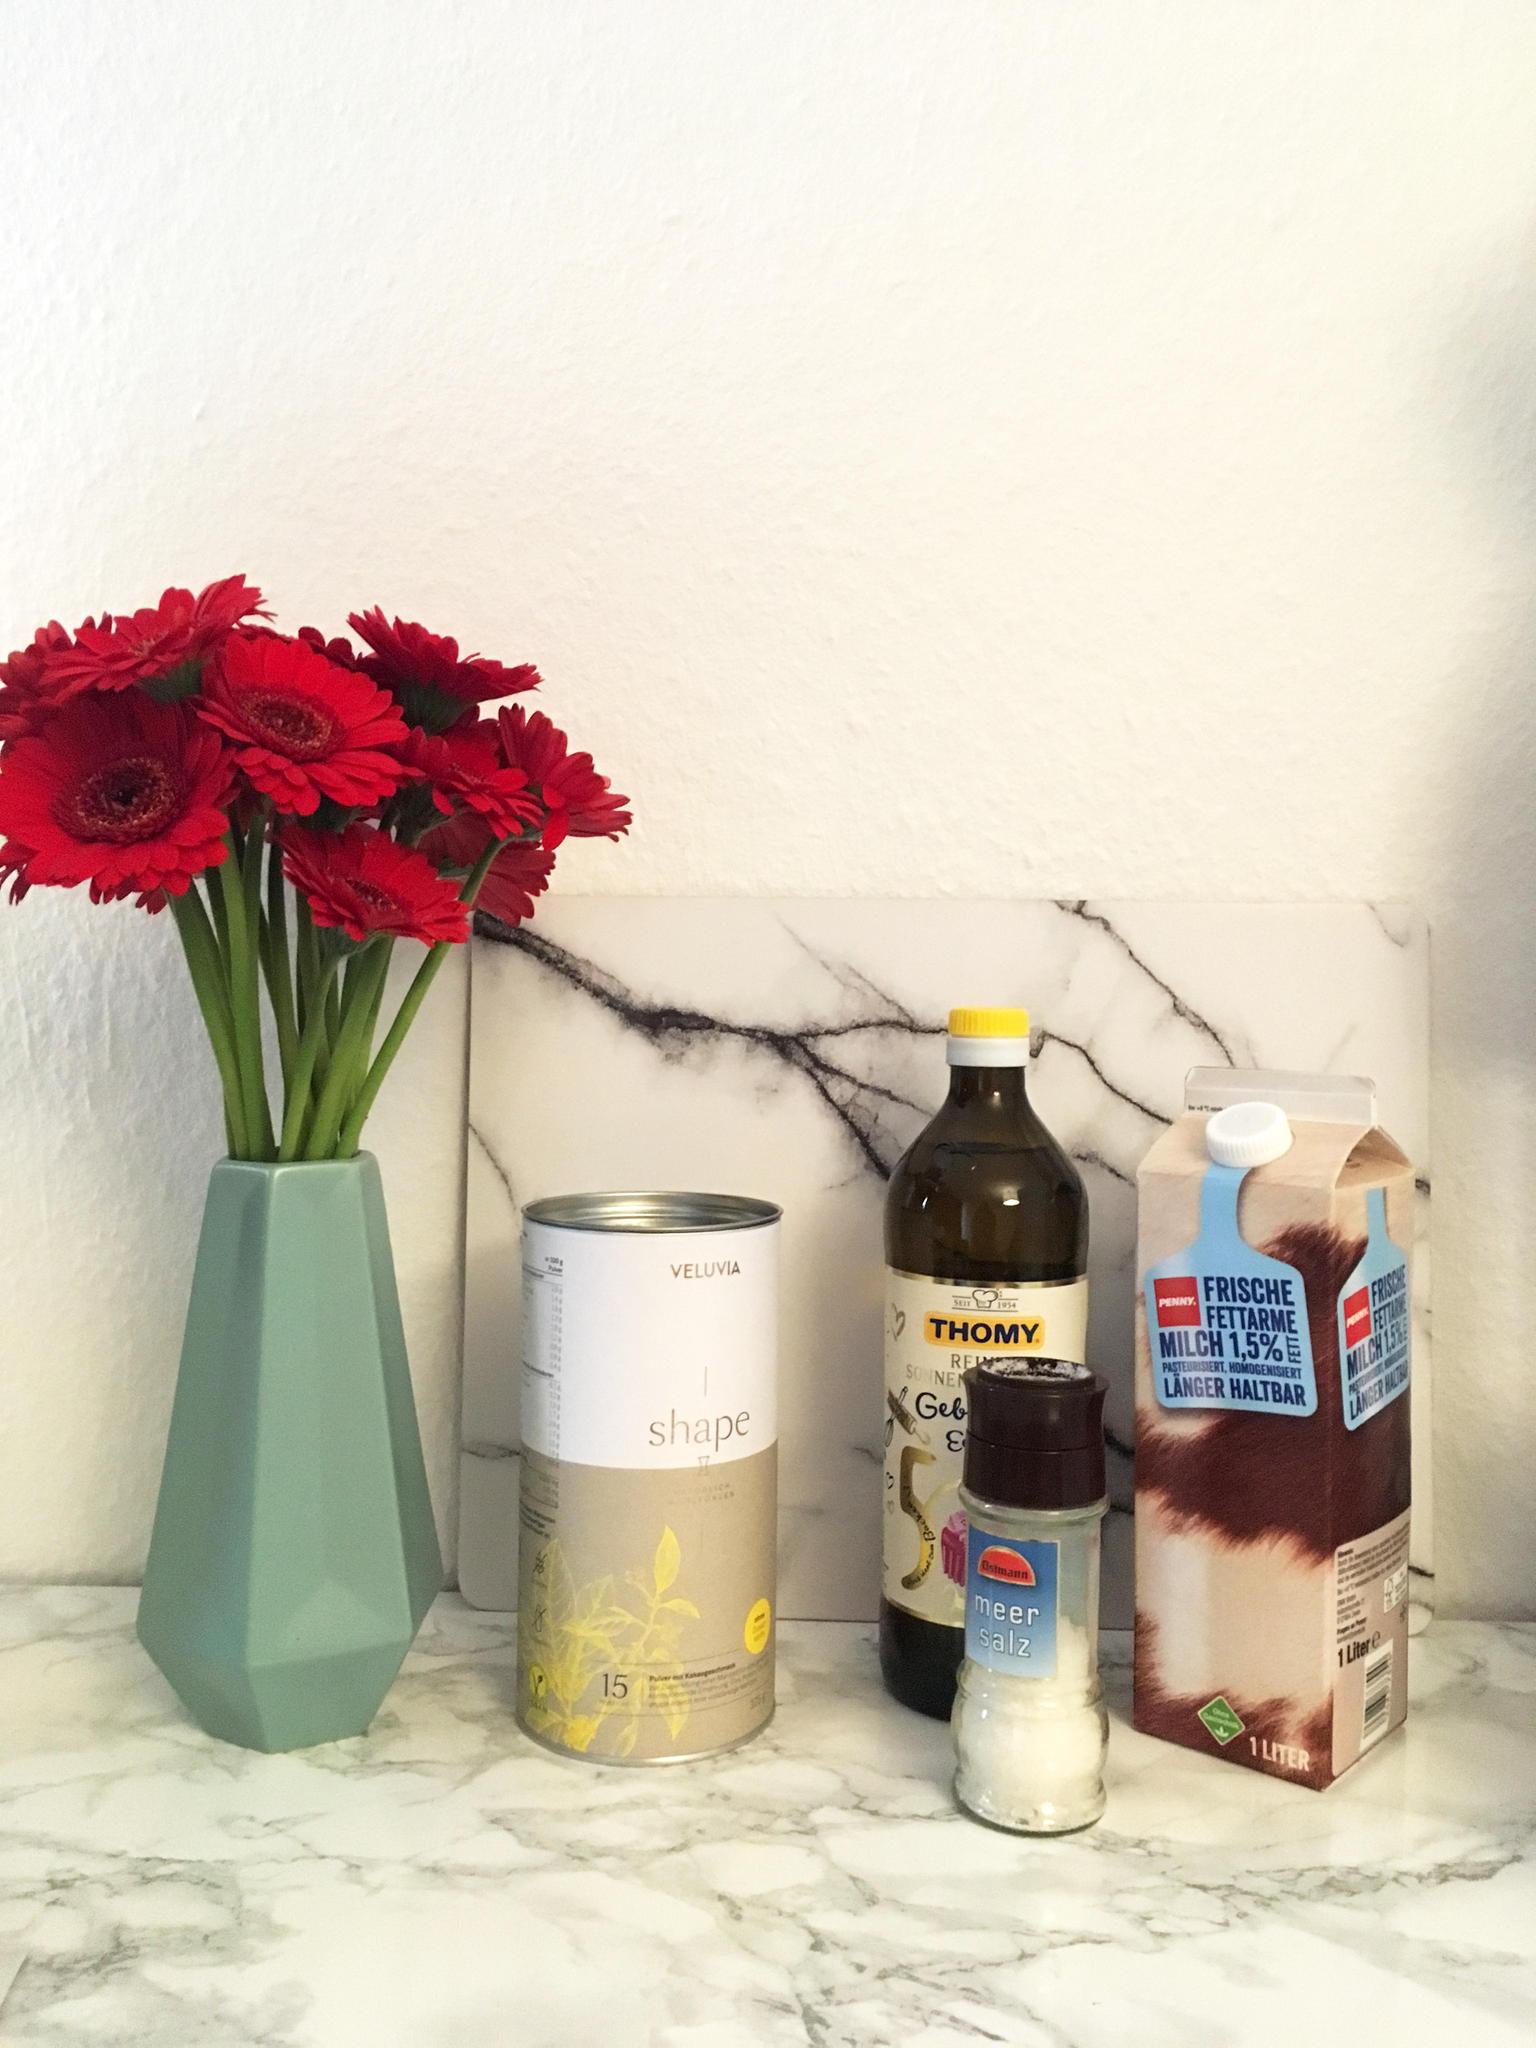 Für den Veluvia-Shake benötigen Sie: Zwei gehäufte Esslöffel des Pulvers, 2g Sonnenblumenöl, eine Prise Salz und 250ml fettarme Milch